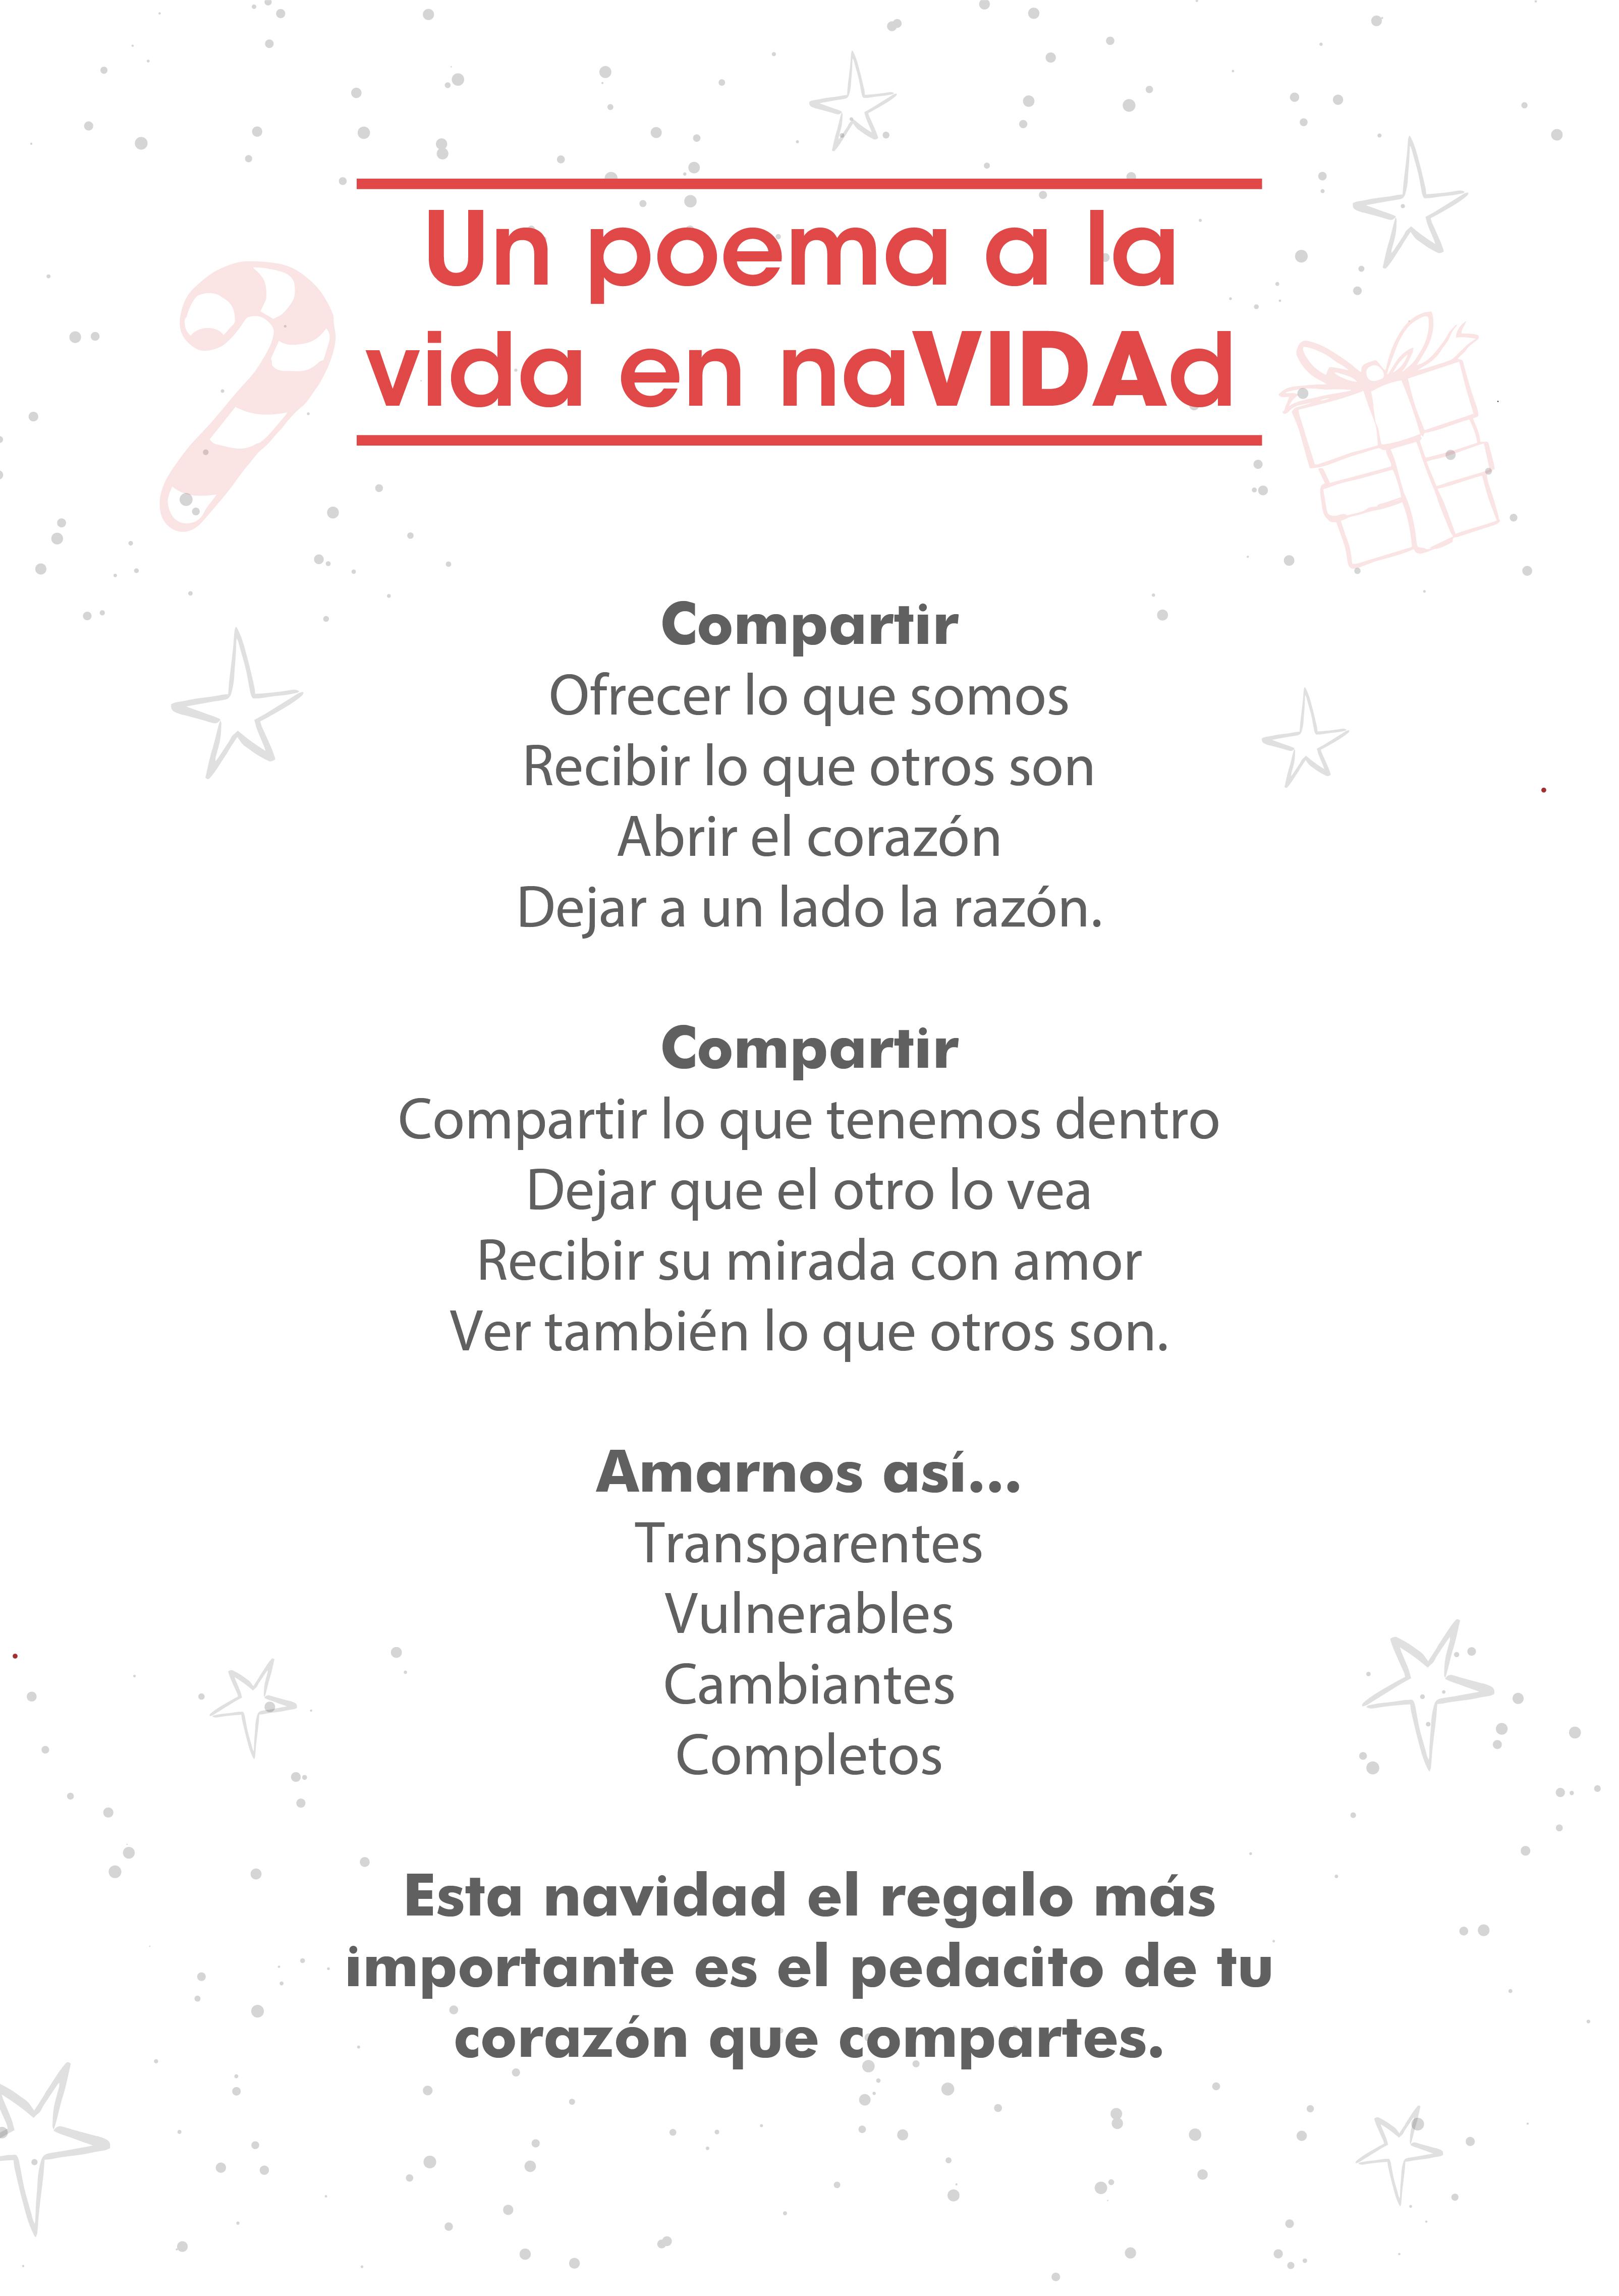 Poema Nóvili de Navidad-Inspiración para celebrar navidad